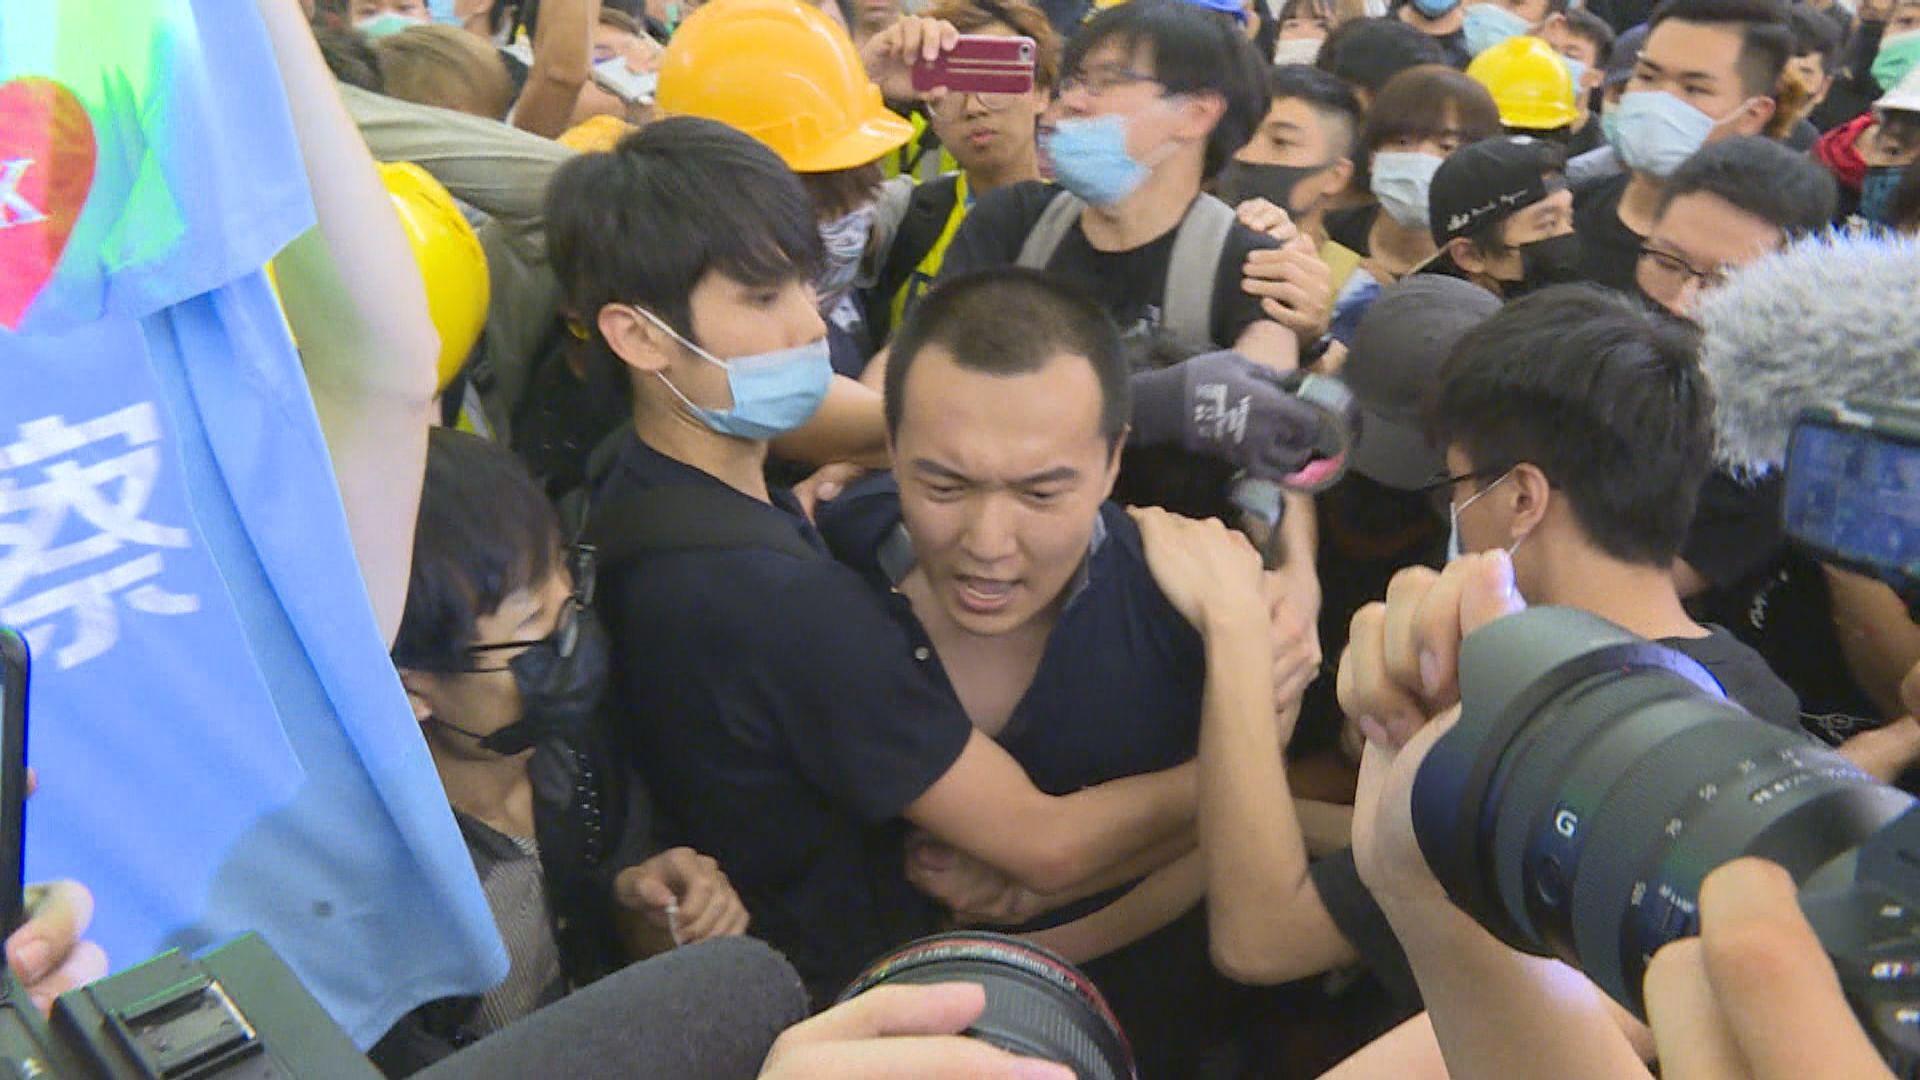 機場暴動禁錮案 付國豪稱事發時被嘲諷假記者